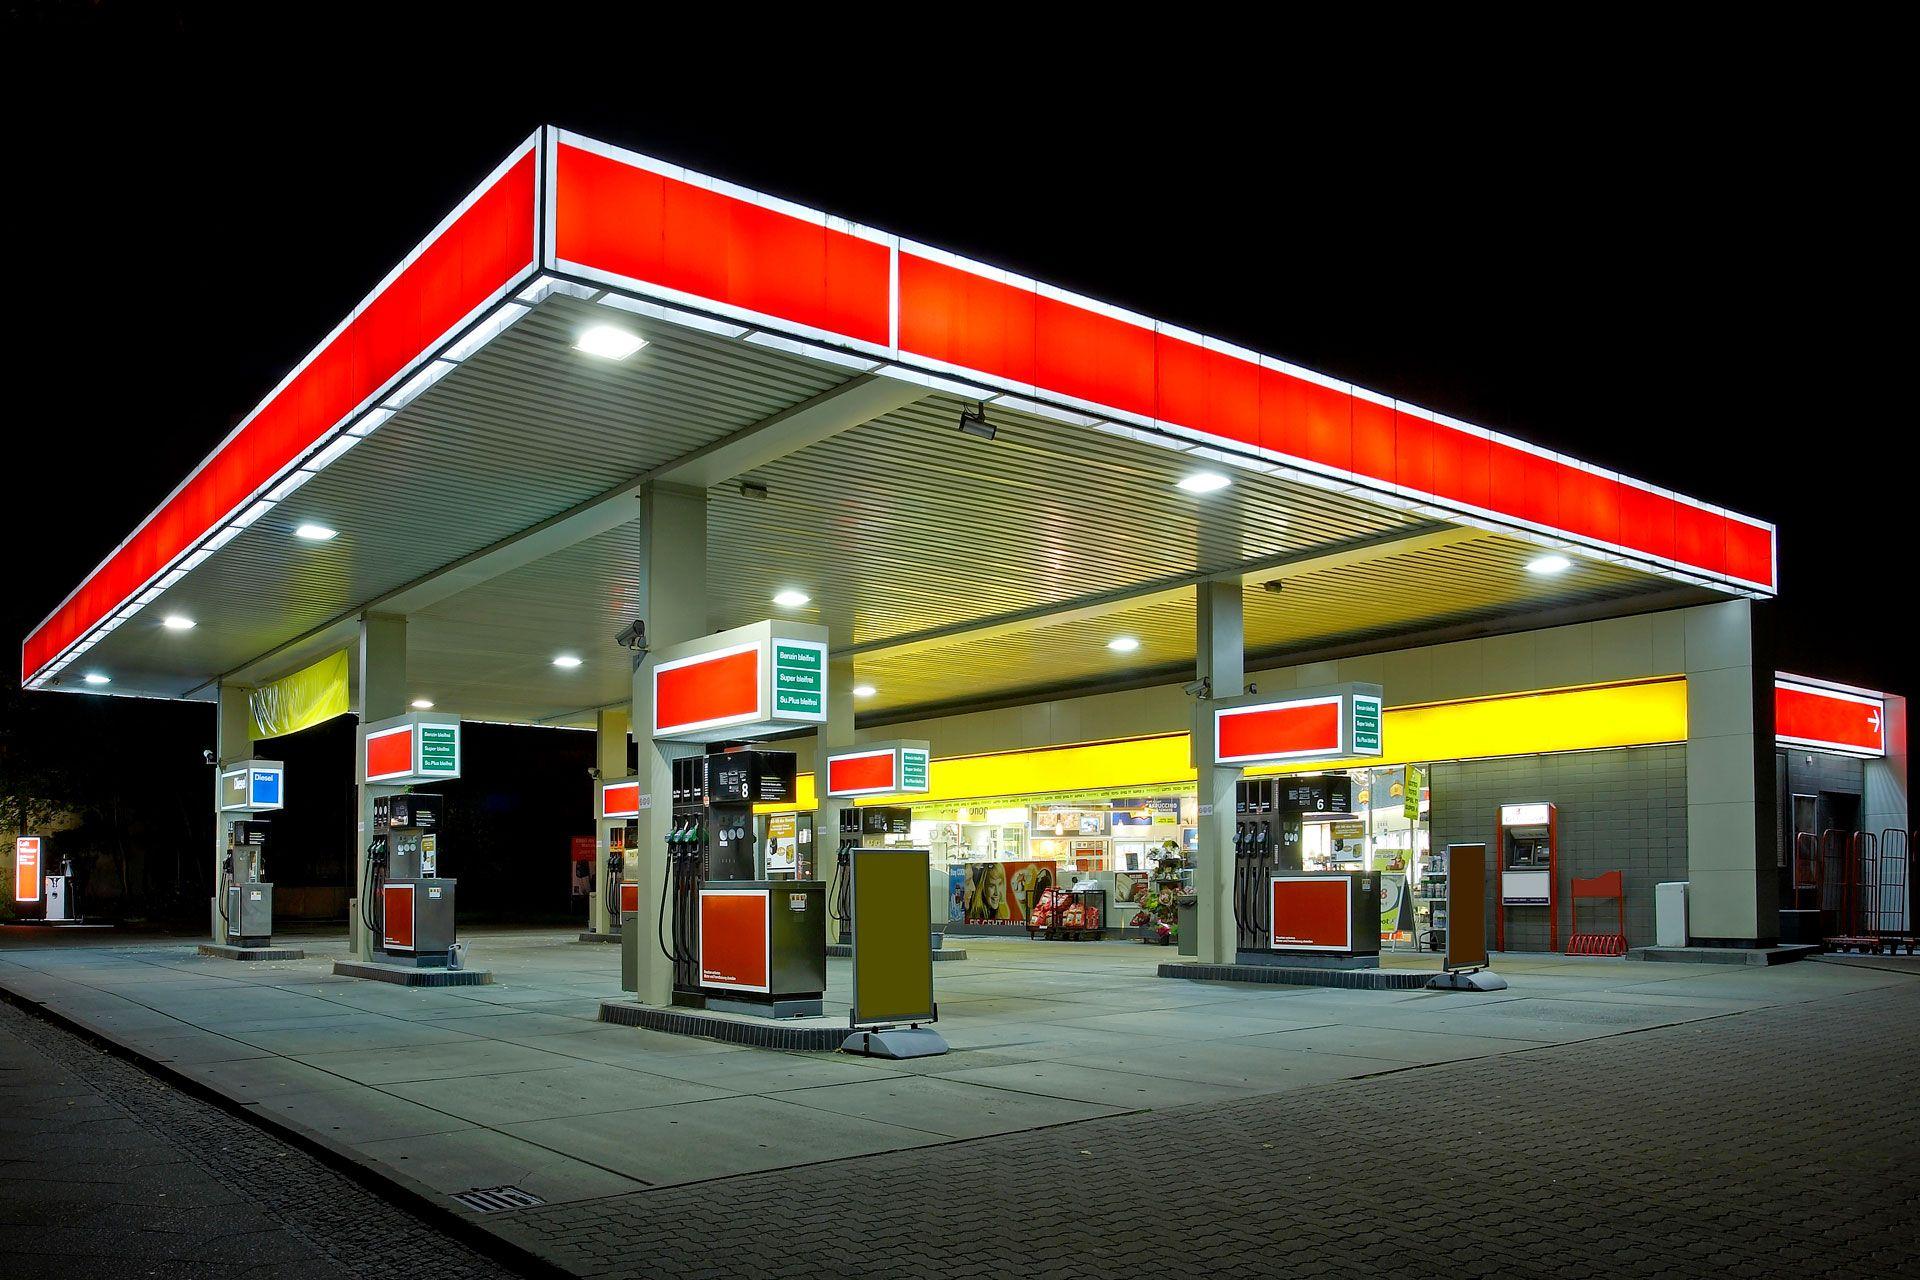 bensinstasjon bygg